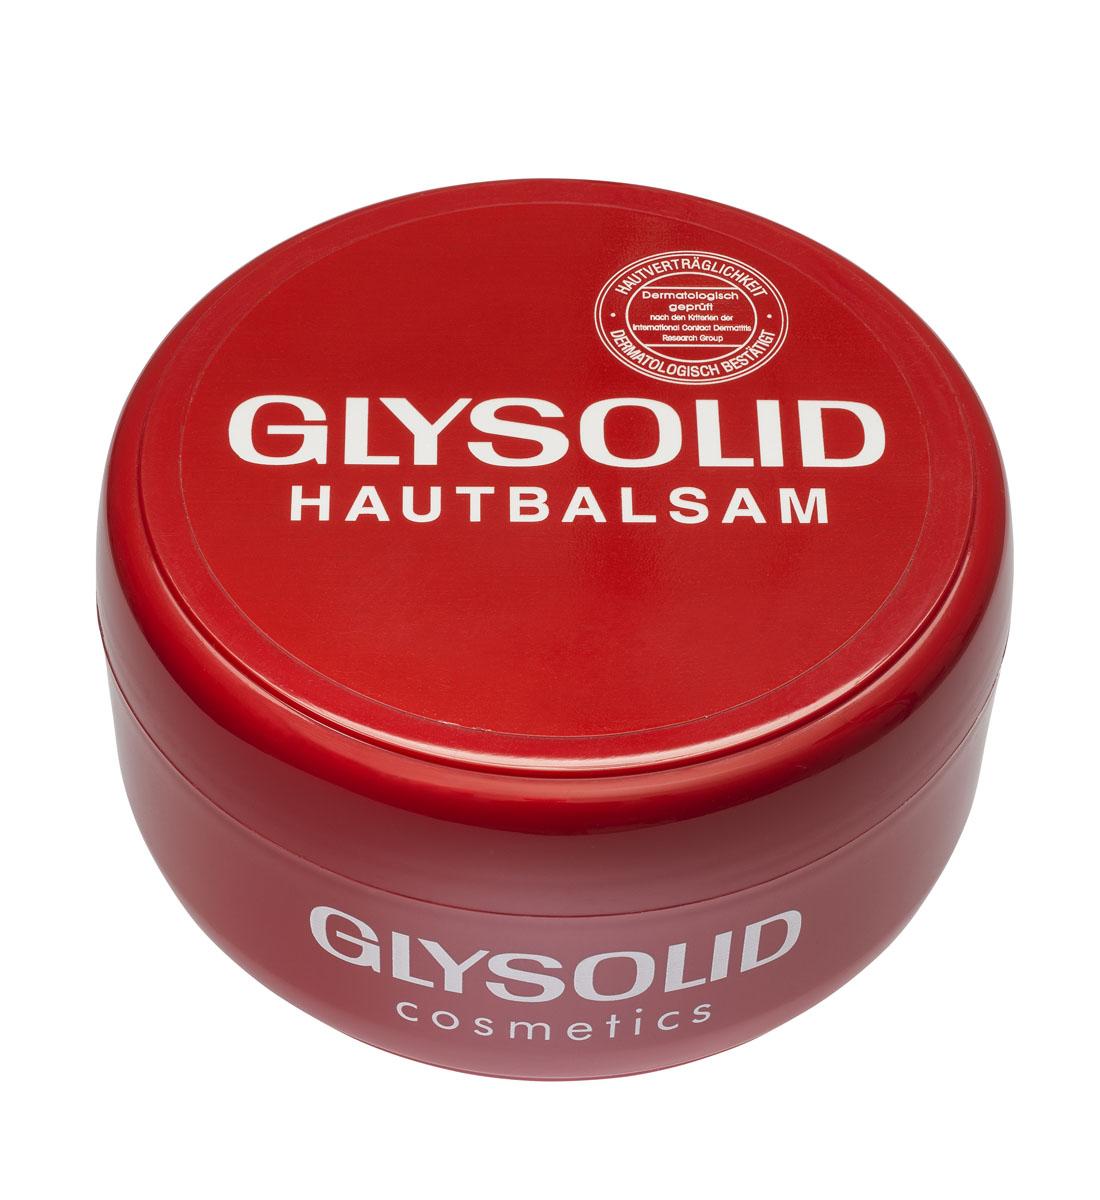 Glysolid Бальзам для кожи рук 200 мл50400008Бальзам для кожи Glysolid - быстрая помощь для потрескавшейся и сухой кожи. Glysolid питает, заживляет раны, поддерживает регенерацию кожи, одновременно защищая ее. Без запаха. Гипоаллергенен. При регулярном применении быстро и надолго улучшит состояние Вашей кожи. Для всей семьи на каждый день. Подходит для детей с первых дней жизни и людям с заболеваниями кожного покрова. Без консервантов, красителей, парабенов, дерматологически протестирован.